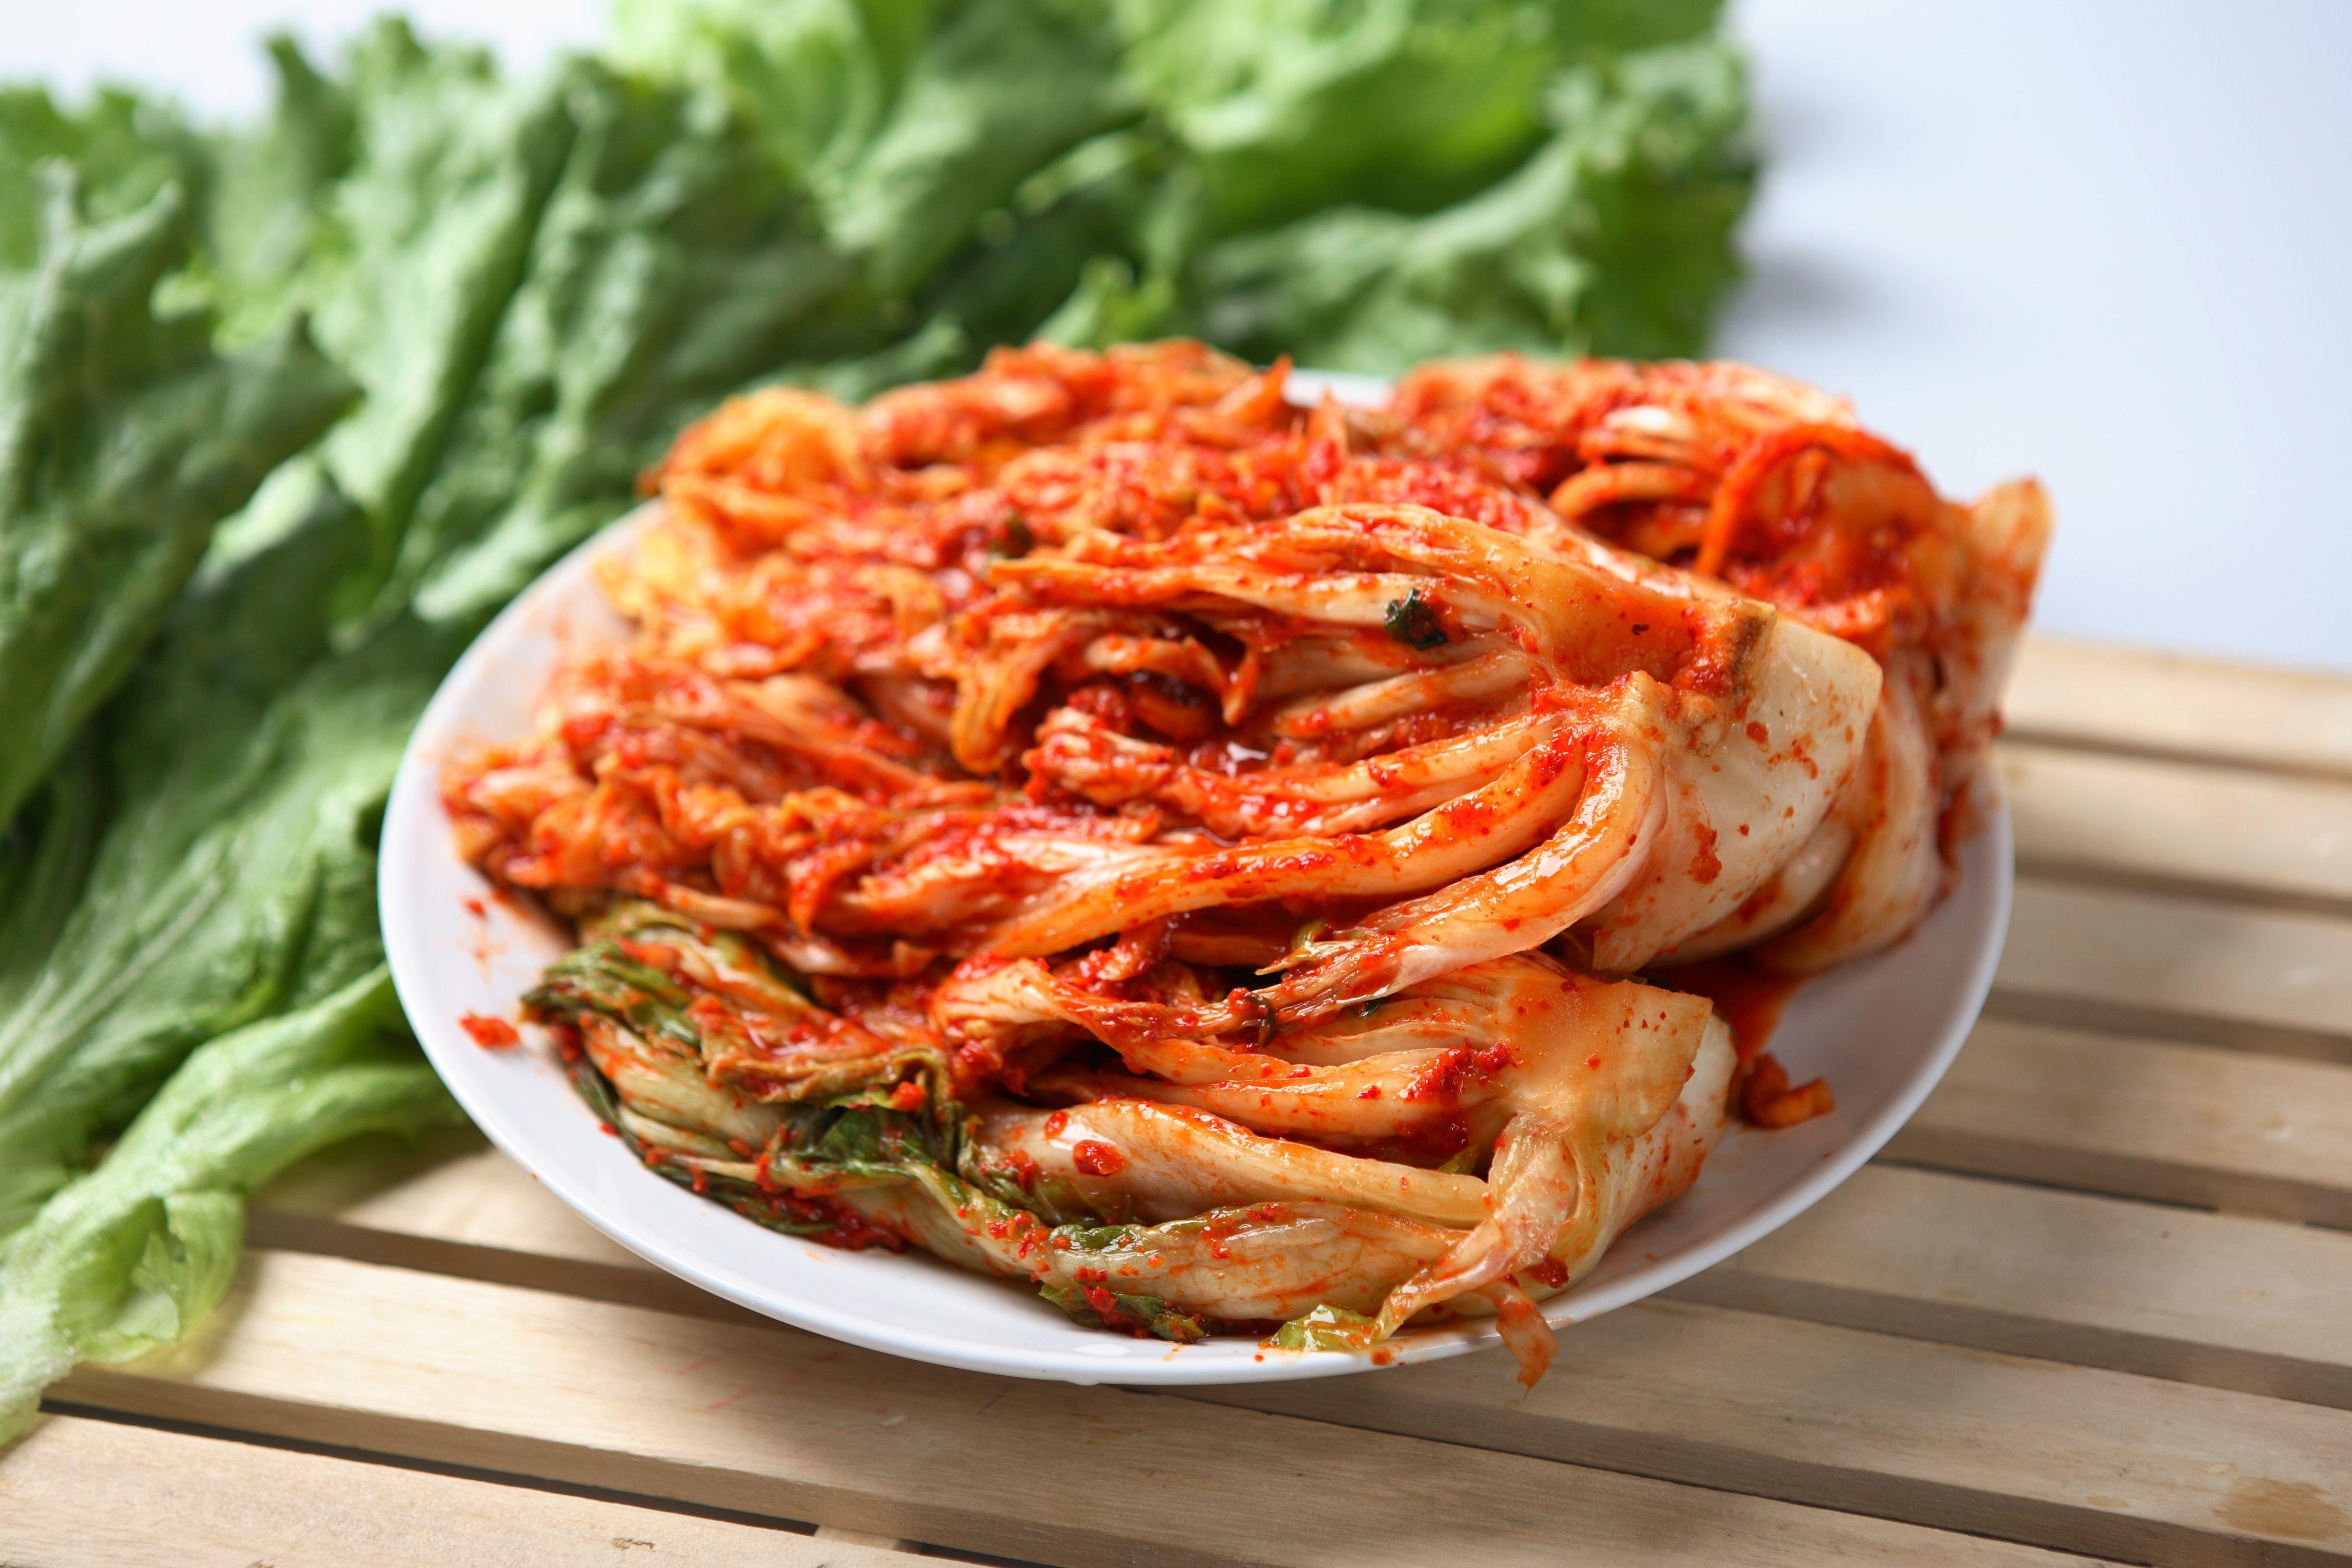 Korean Kimchi Manufacturer Mail: Recipe For Kimchi Using Sriracha Sauce